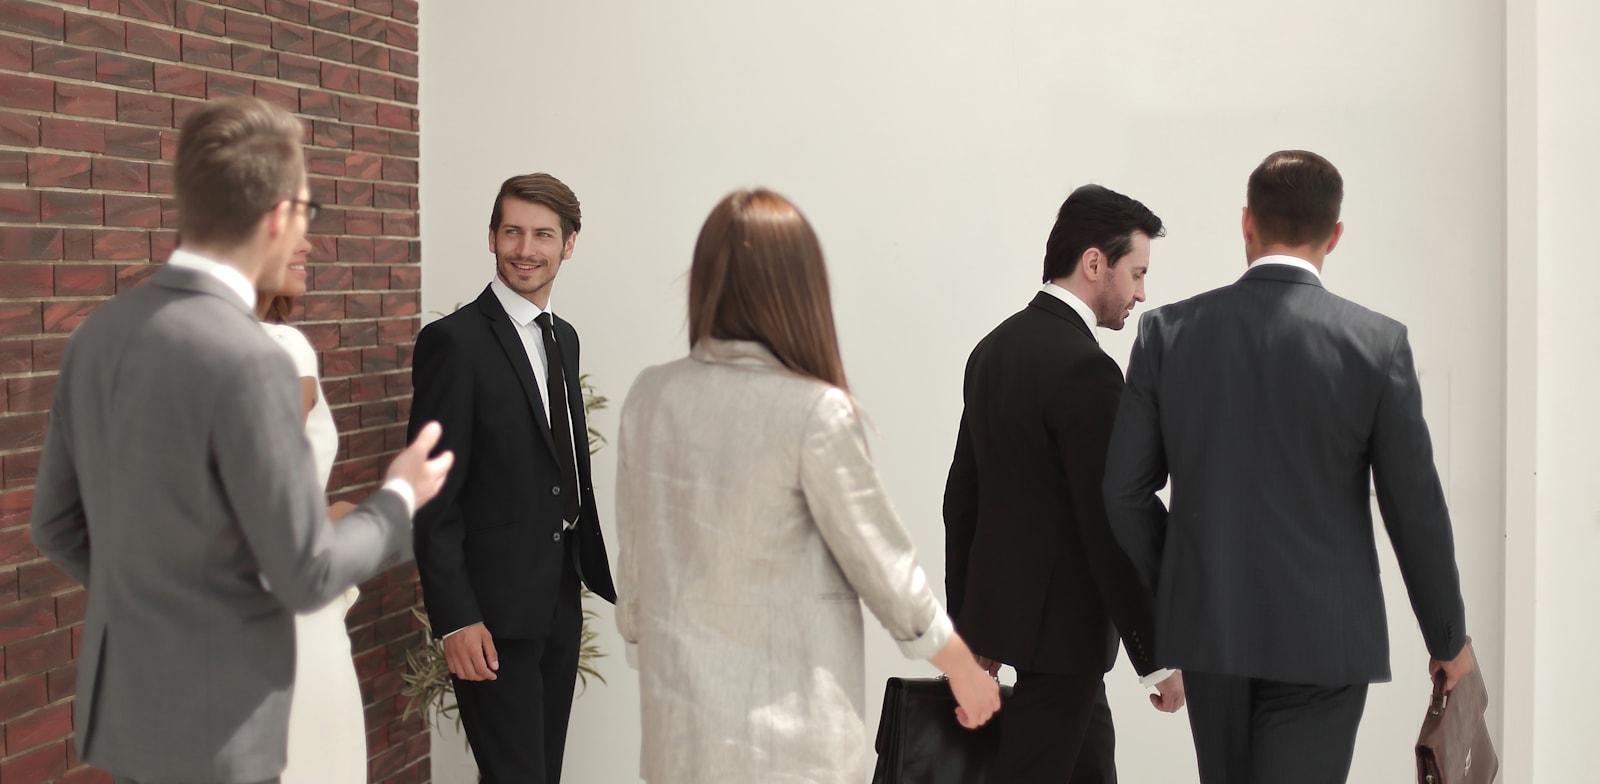 הפירמות הגדולות של עורכי הדין הגיעו לרווחי שיא בשנת הקורונה / אילוסטרציה: Shutterstock